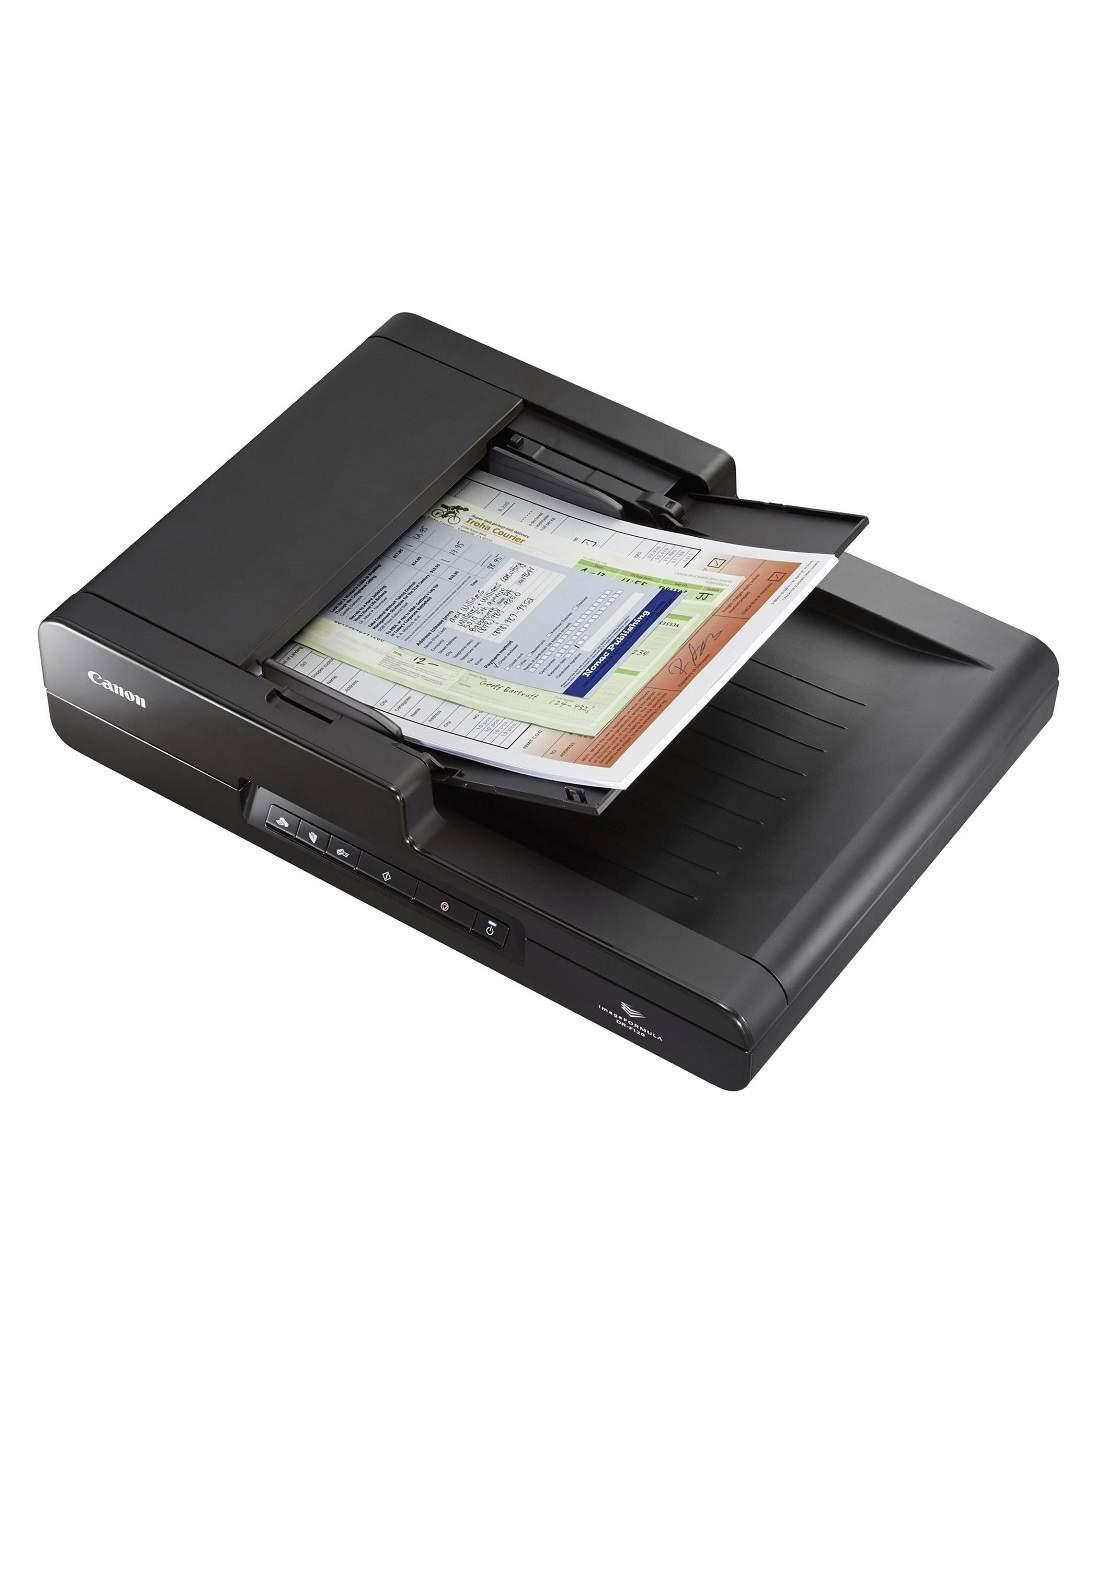 Canon Image Formula DR-F120 Legal Size Scanner - Black طابعة